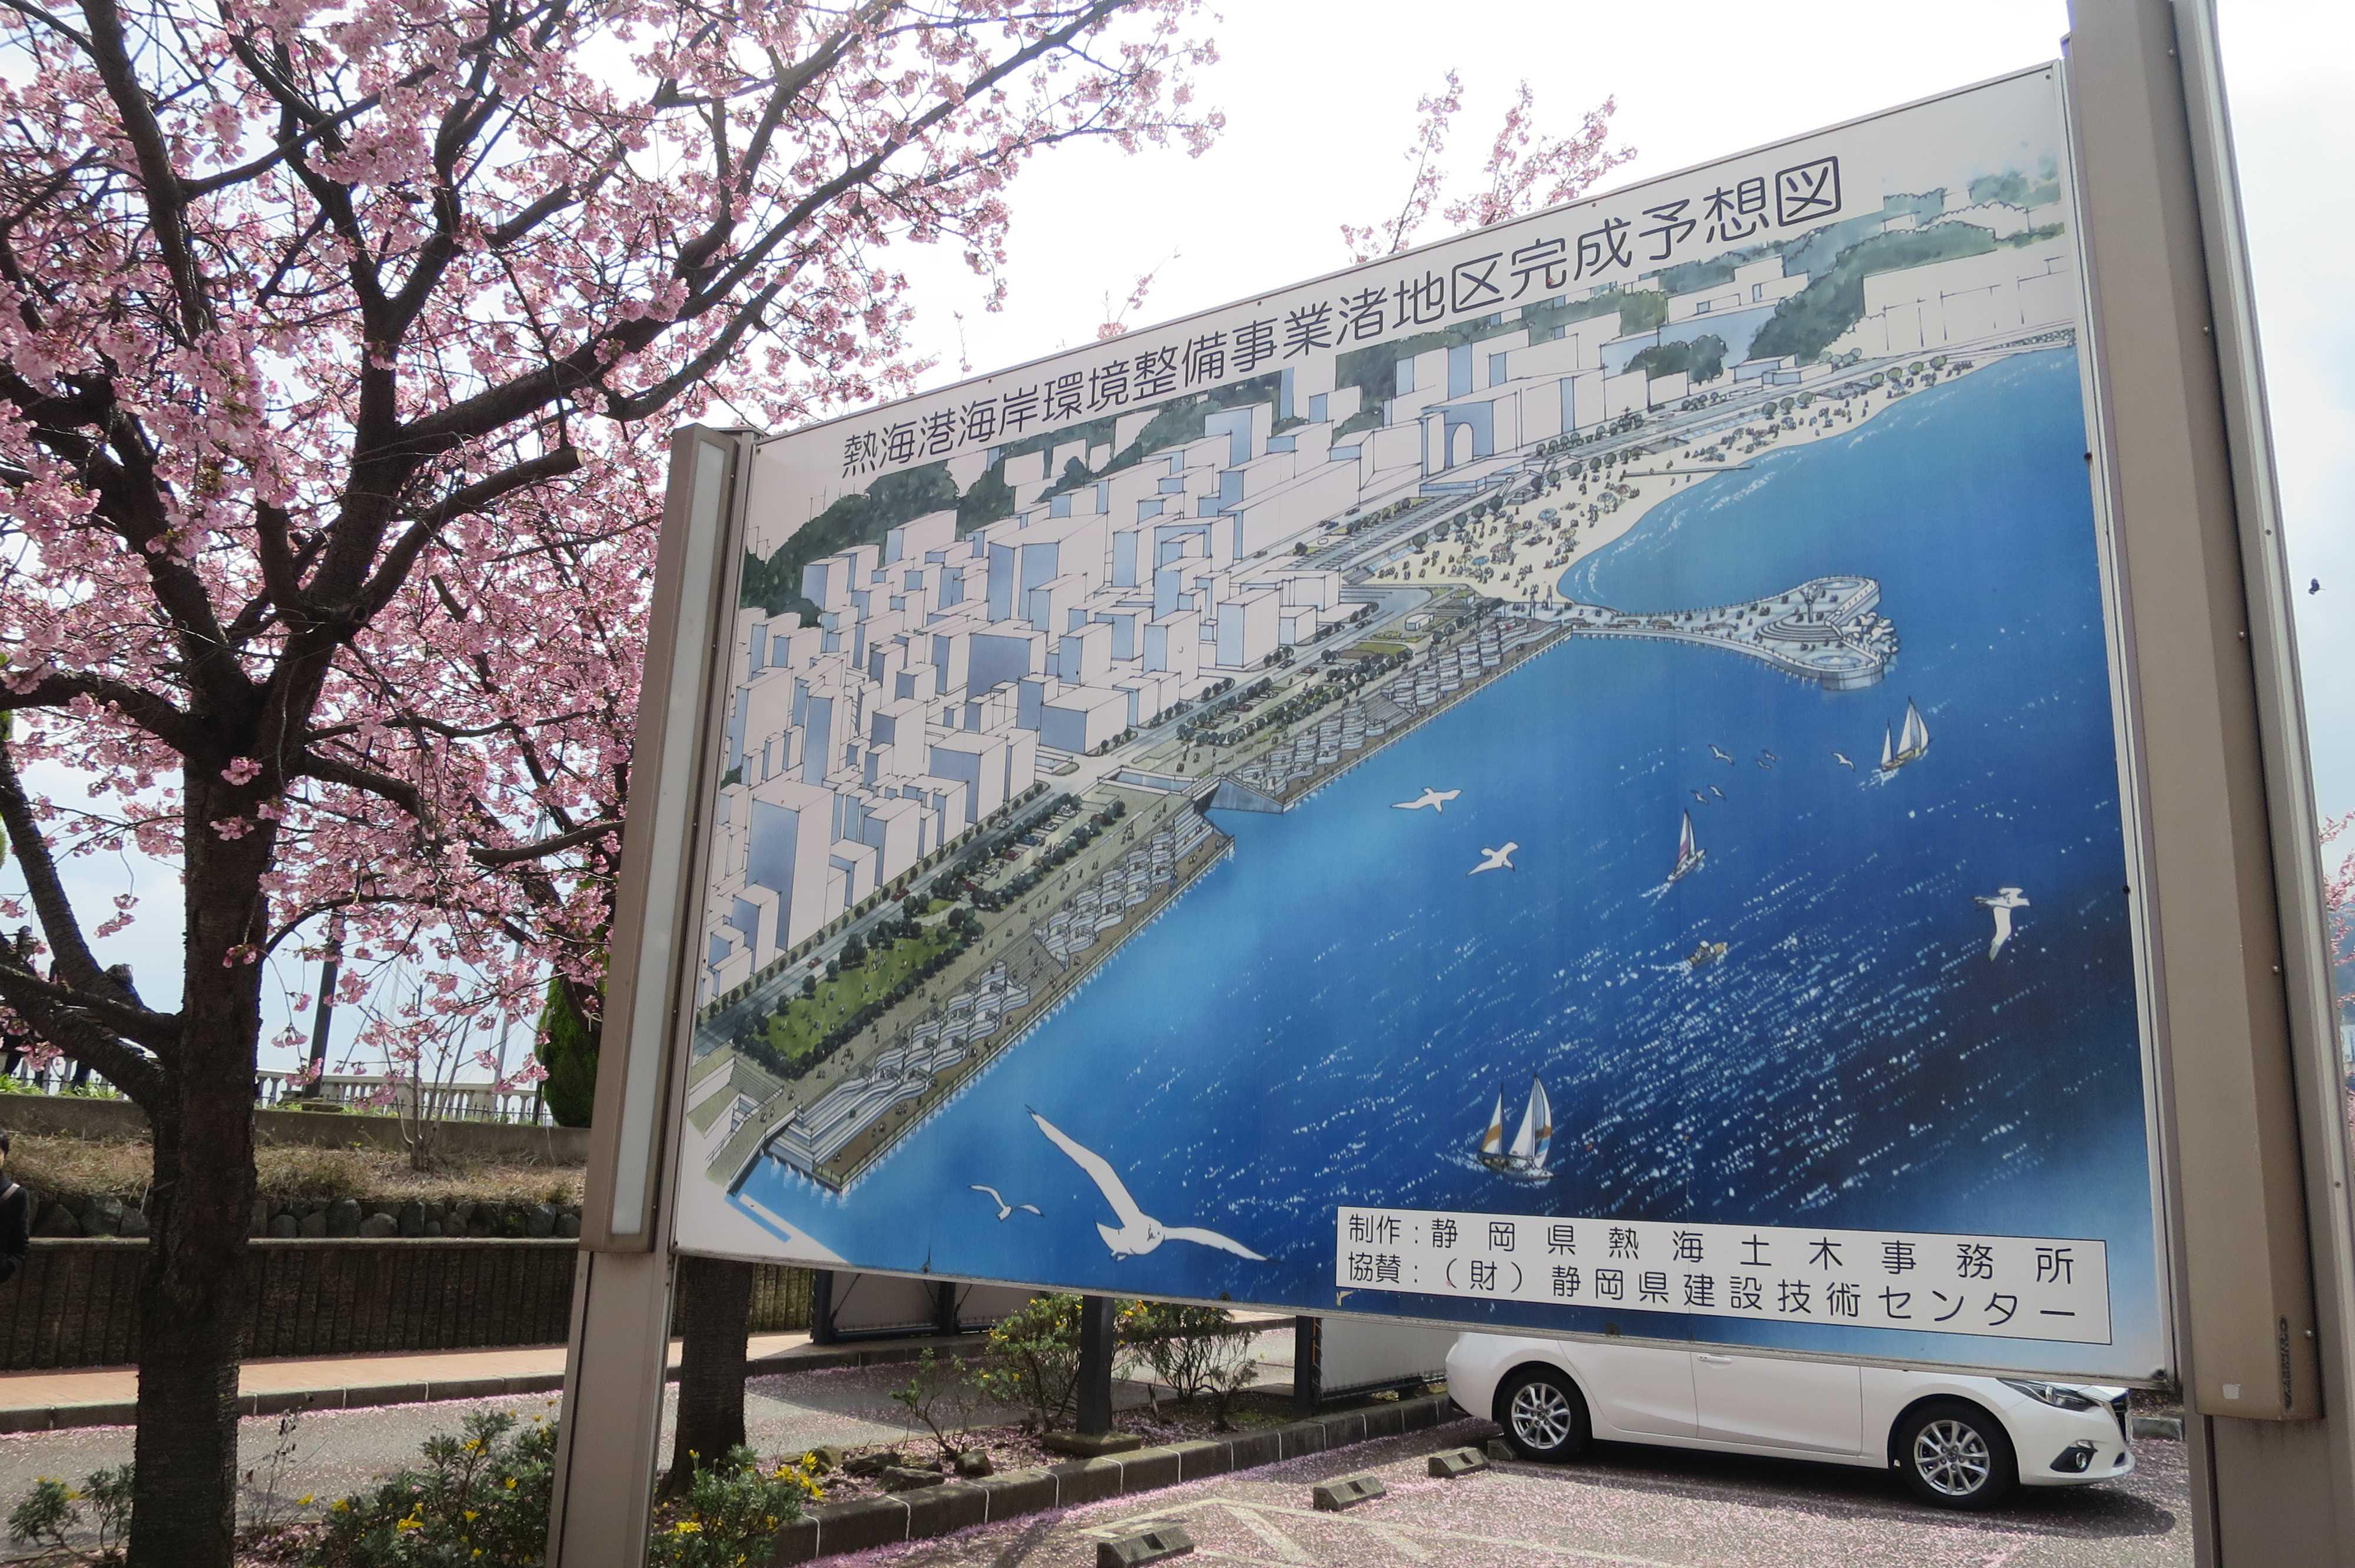 熱海港海岸環境整備事業渚地区完成予想図